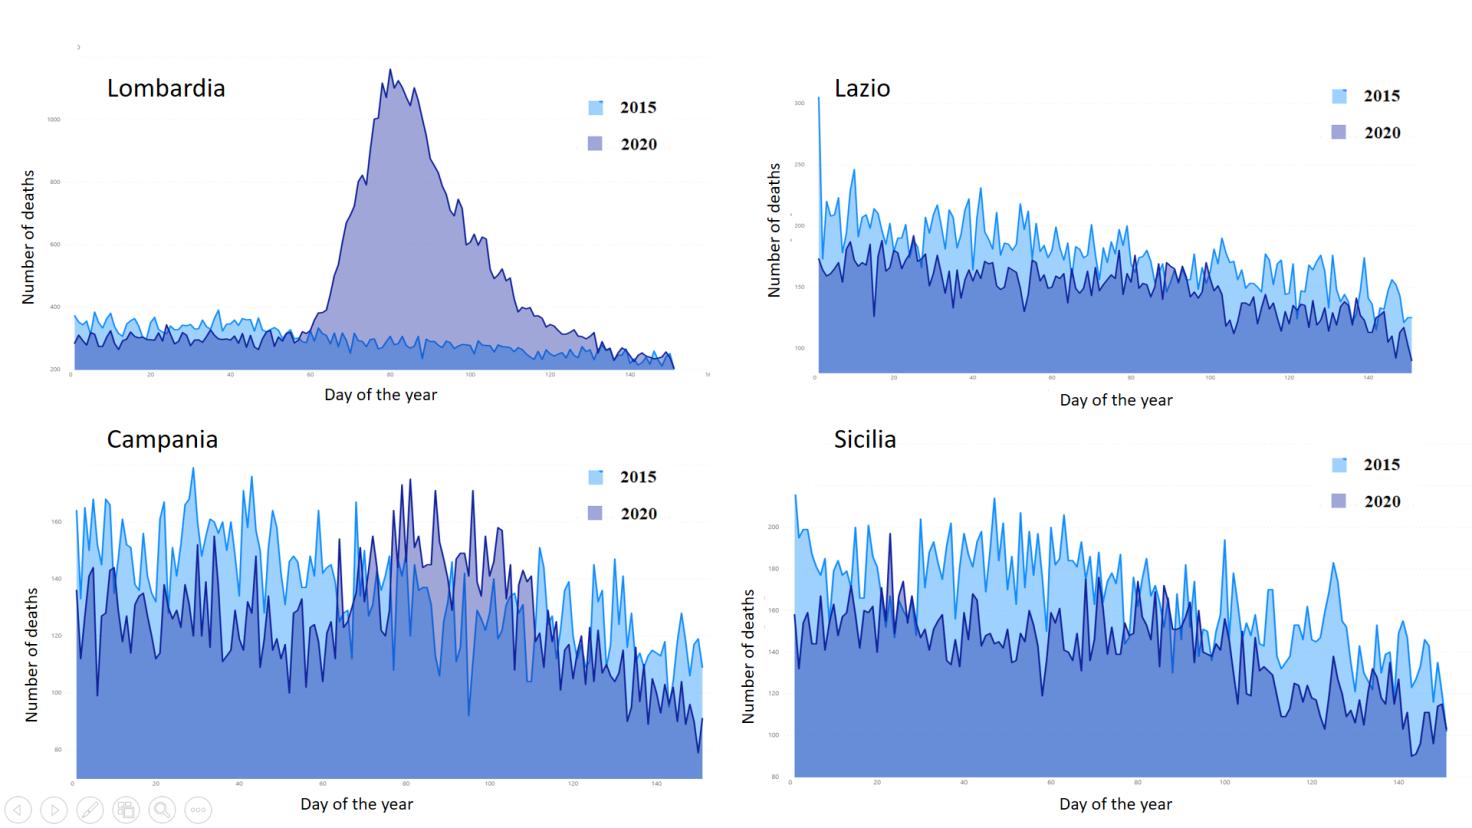 Distribuzione dei decessi giornalieri dal 1 gennaio al 31 maggio del 2015 e del 2020 in quattro regioni italiane: Lombardia, Lazio, Campania, Sicilia